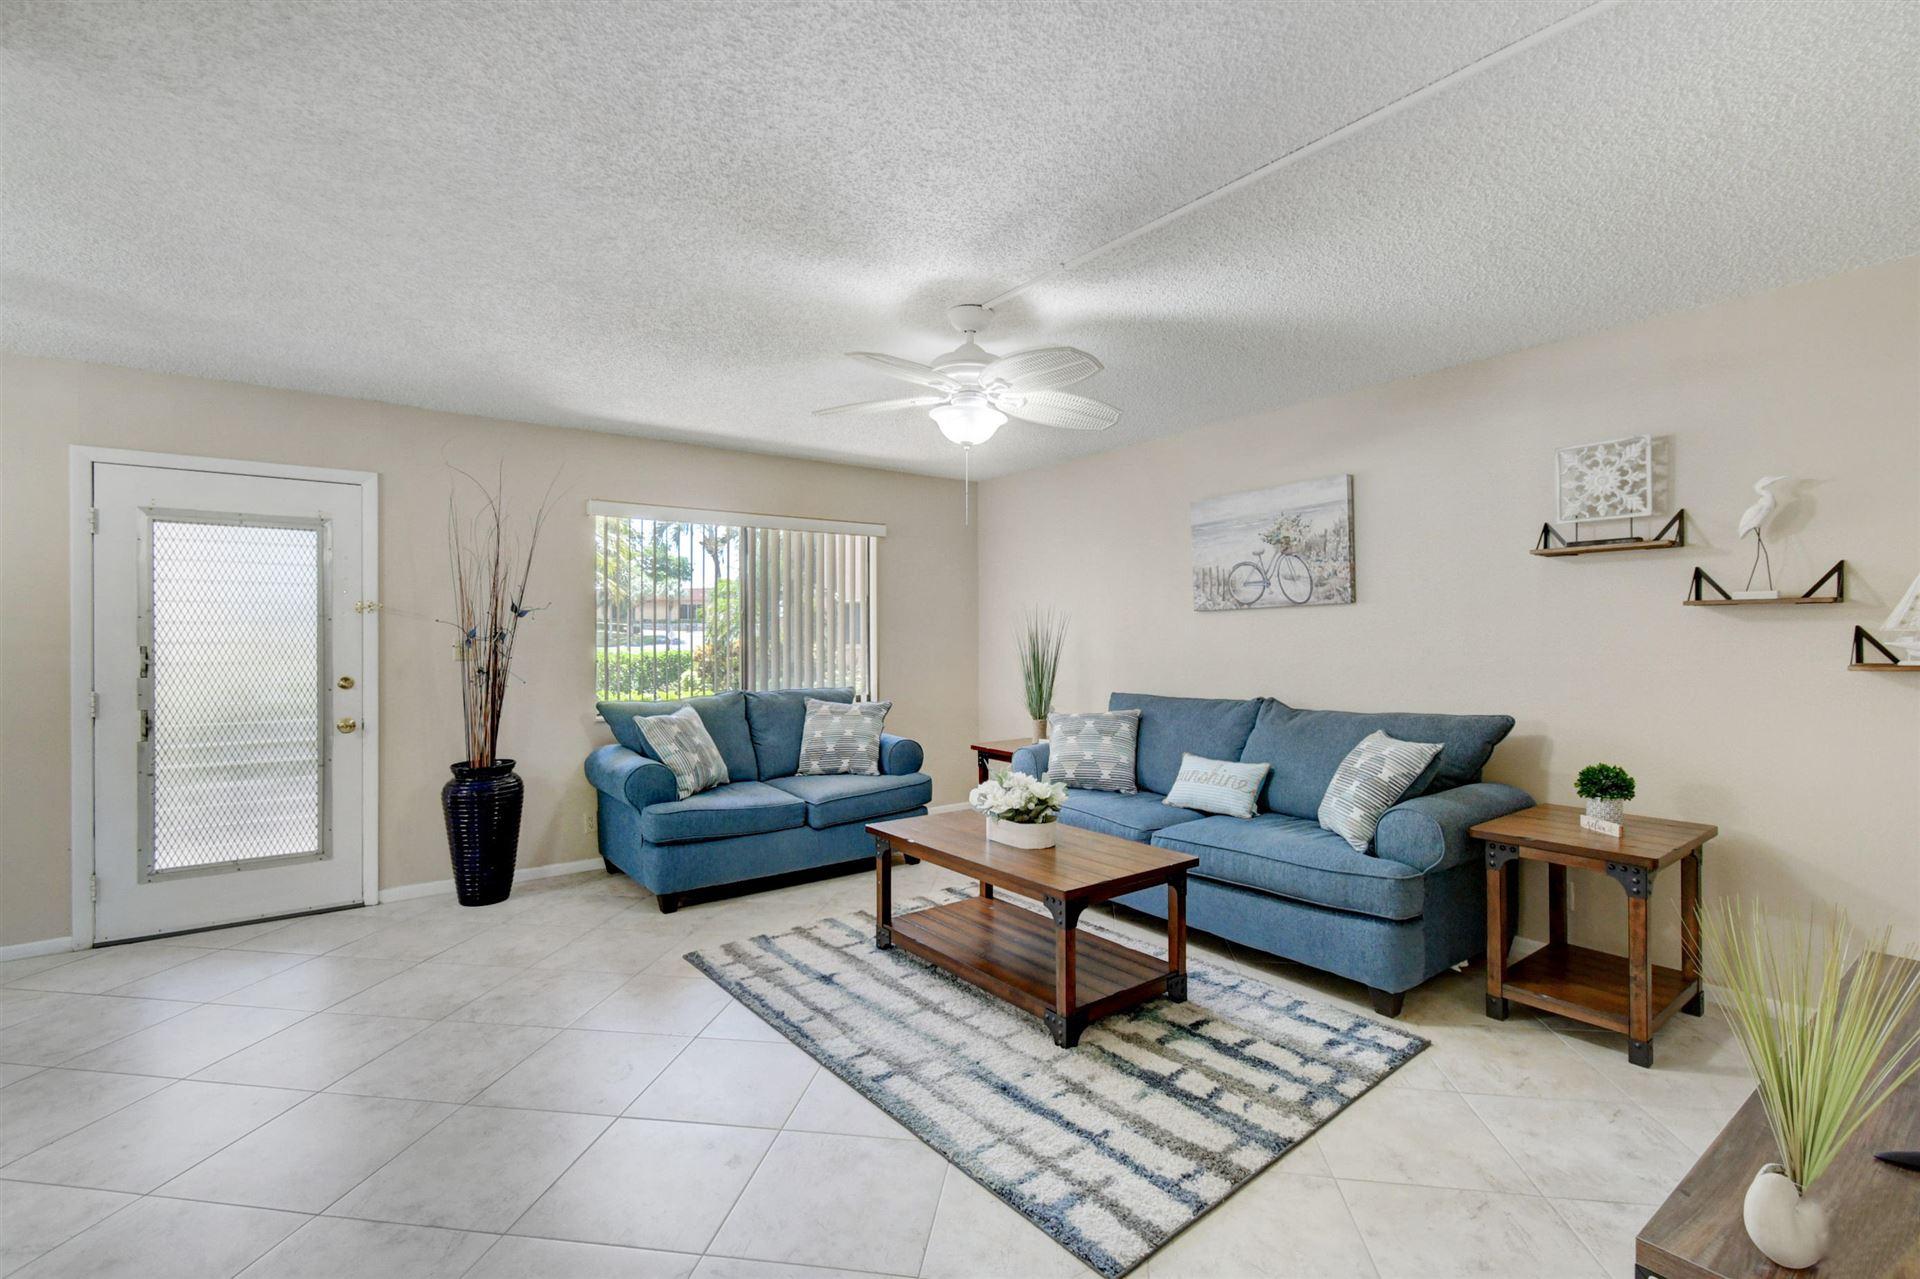 15054 Ashland Way #81, Delray Beach, FL 33484 - #: RX-10646885